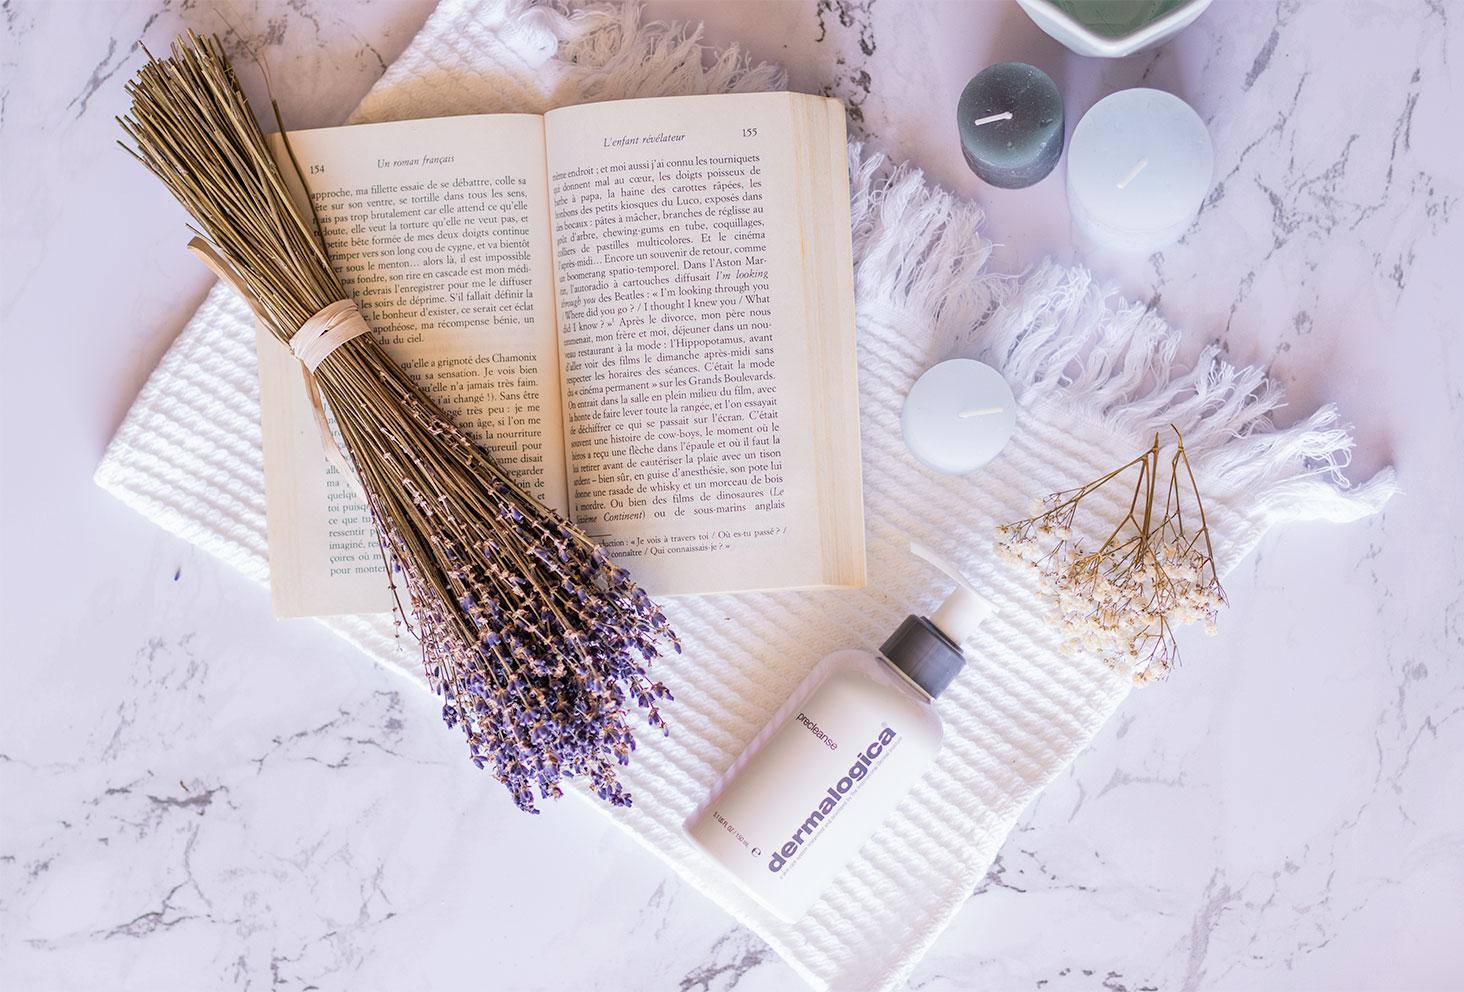 Le démaquillant Precleanse de Dermalogica sur une serviette blanche avec un livre ouvert et un bouquet de Lavande, posé sur du marbre avec quelques bougies